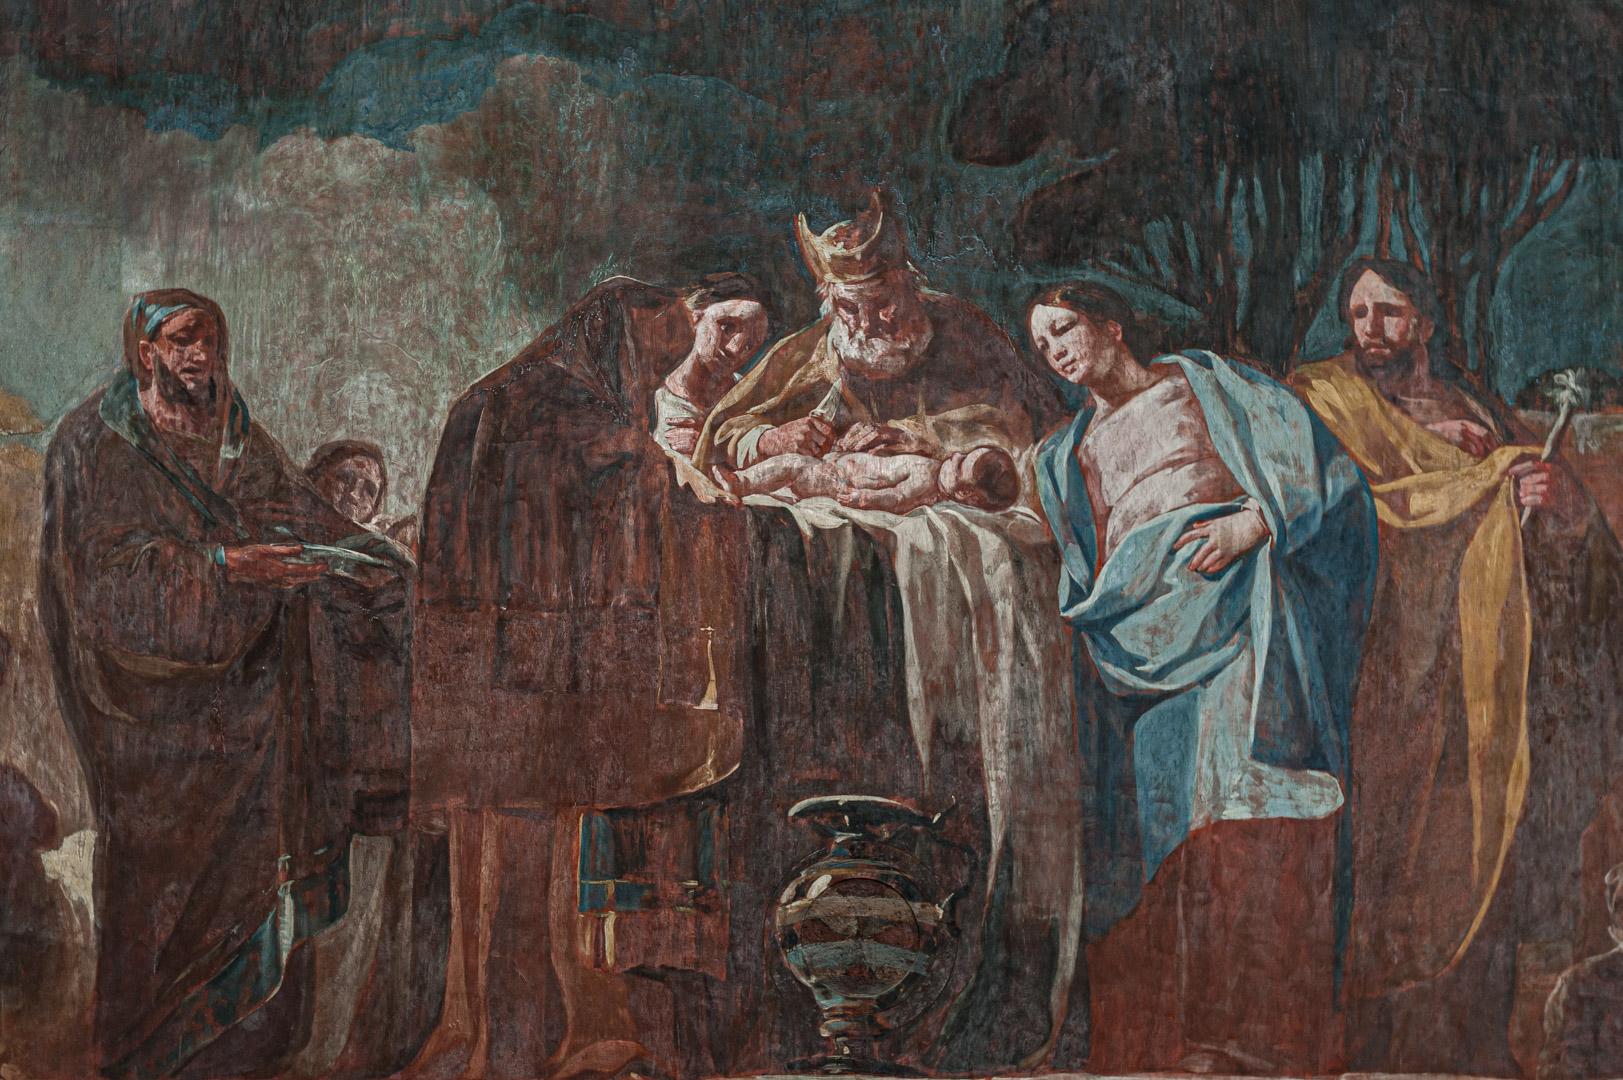 La Circuncisión (305 x 1.025 cm)